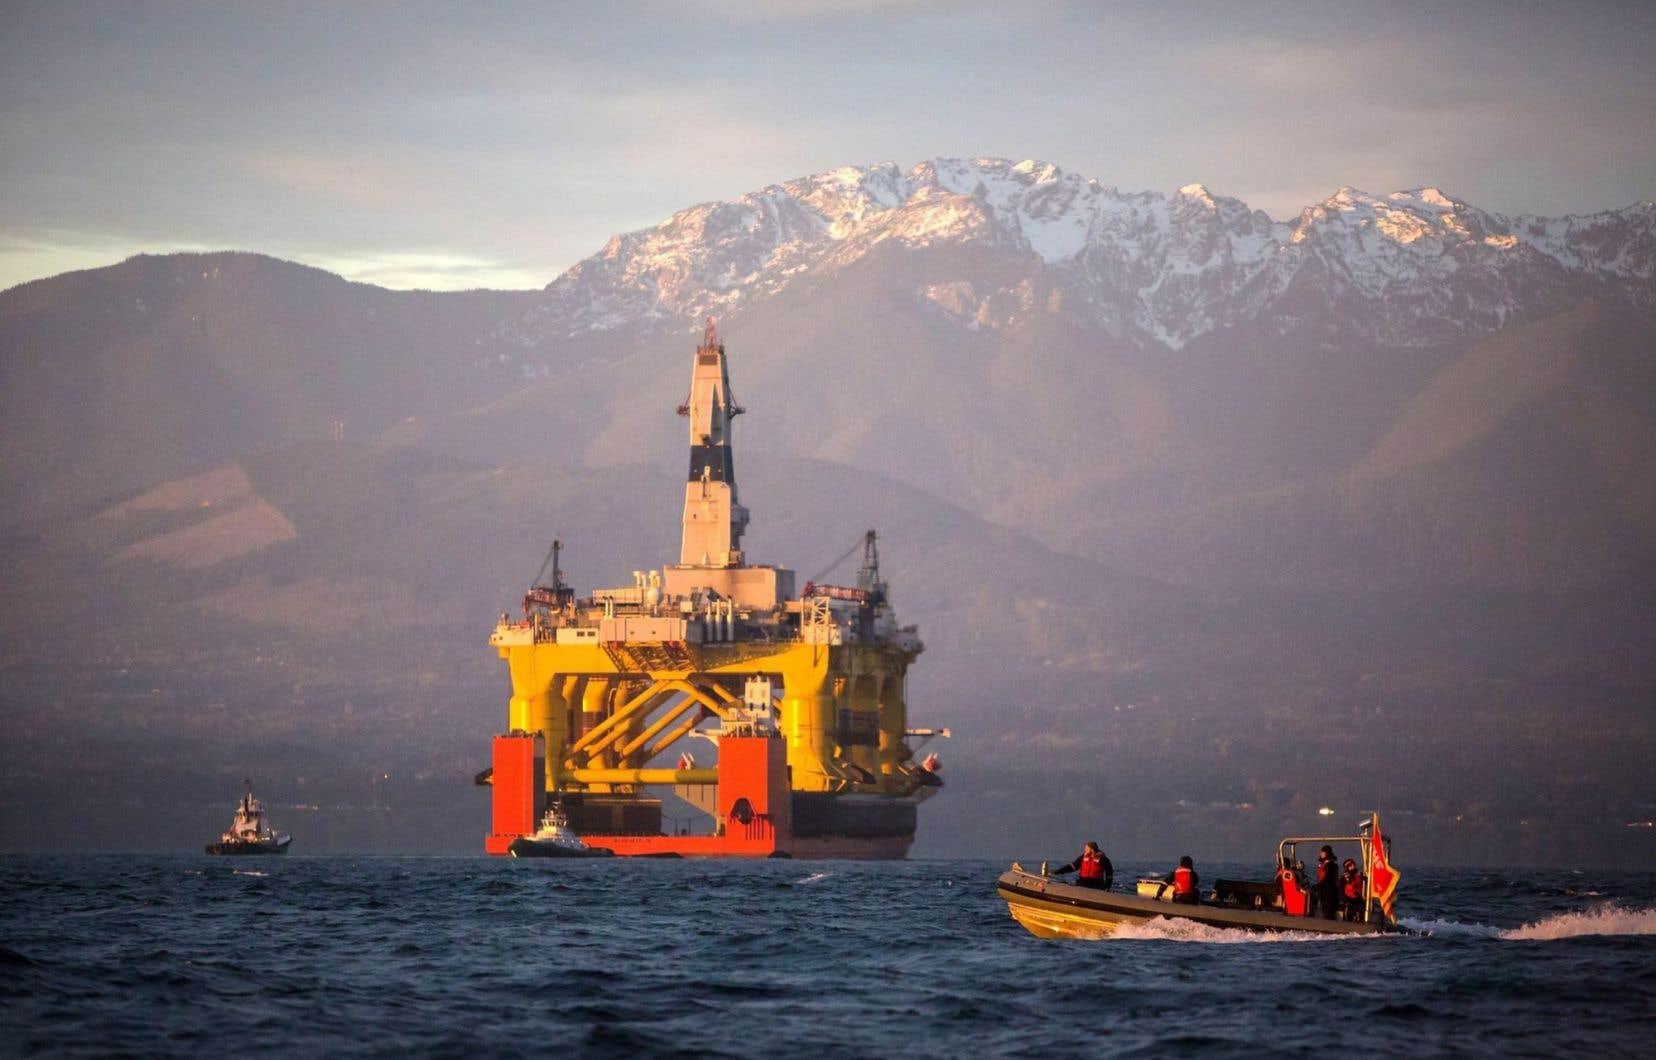 Shell n'en est pas à ses premiers forages en Alaska. Son programme d'exploration dans cette région reculée a toutefois pris plusieurs années de retard et a déjà englouti six milliards de dollars.